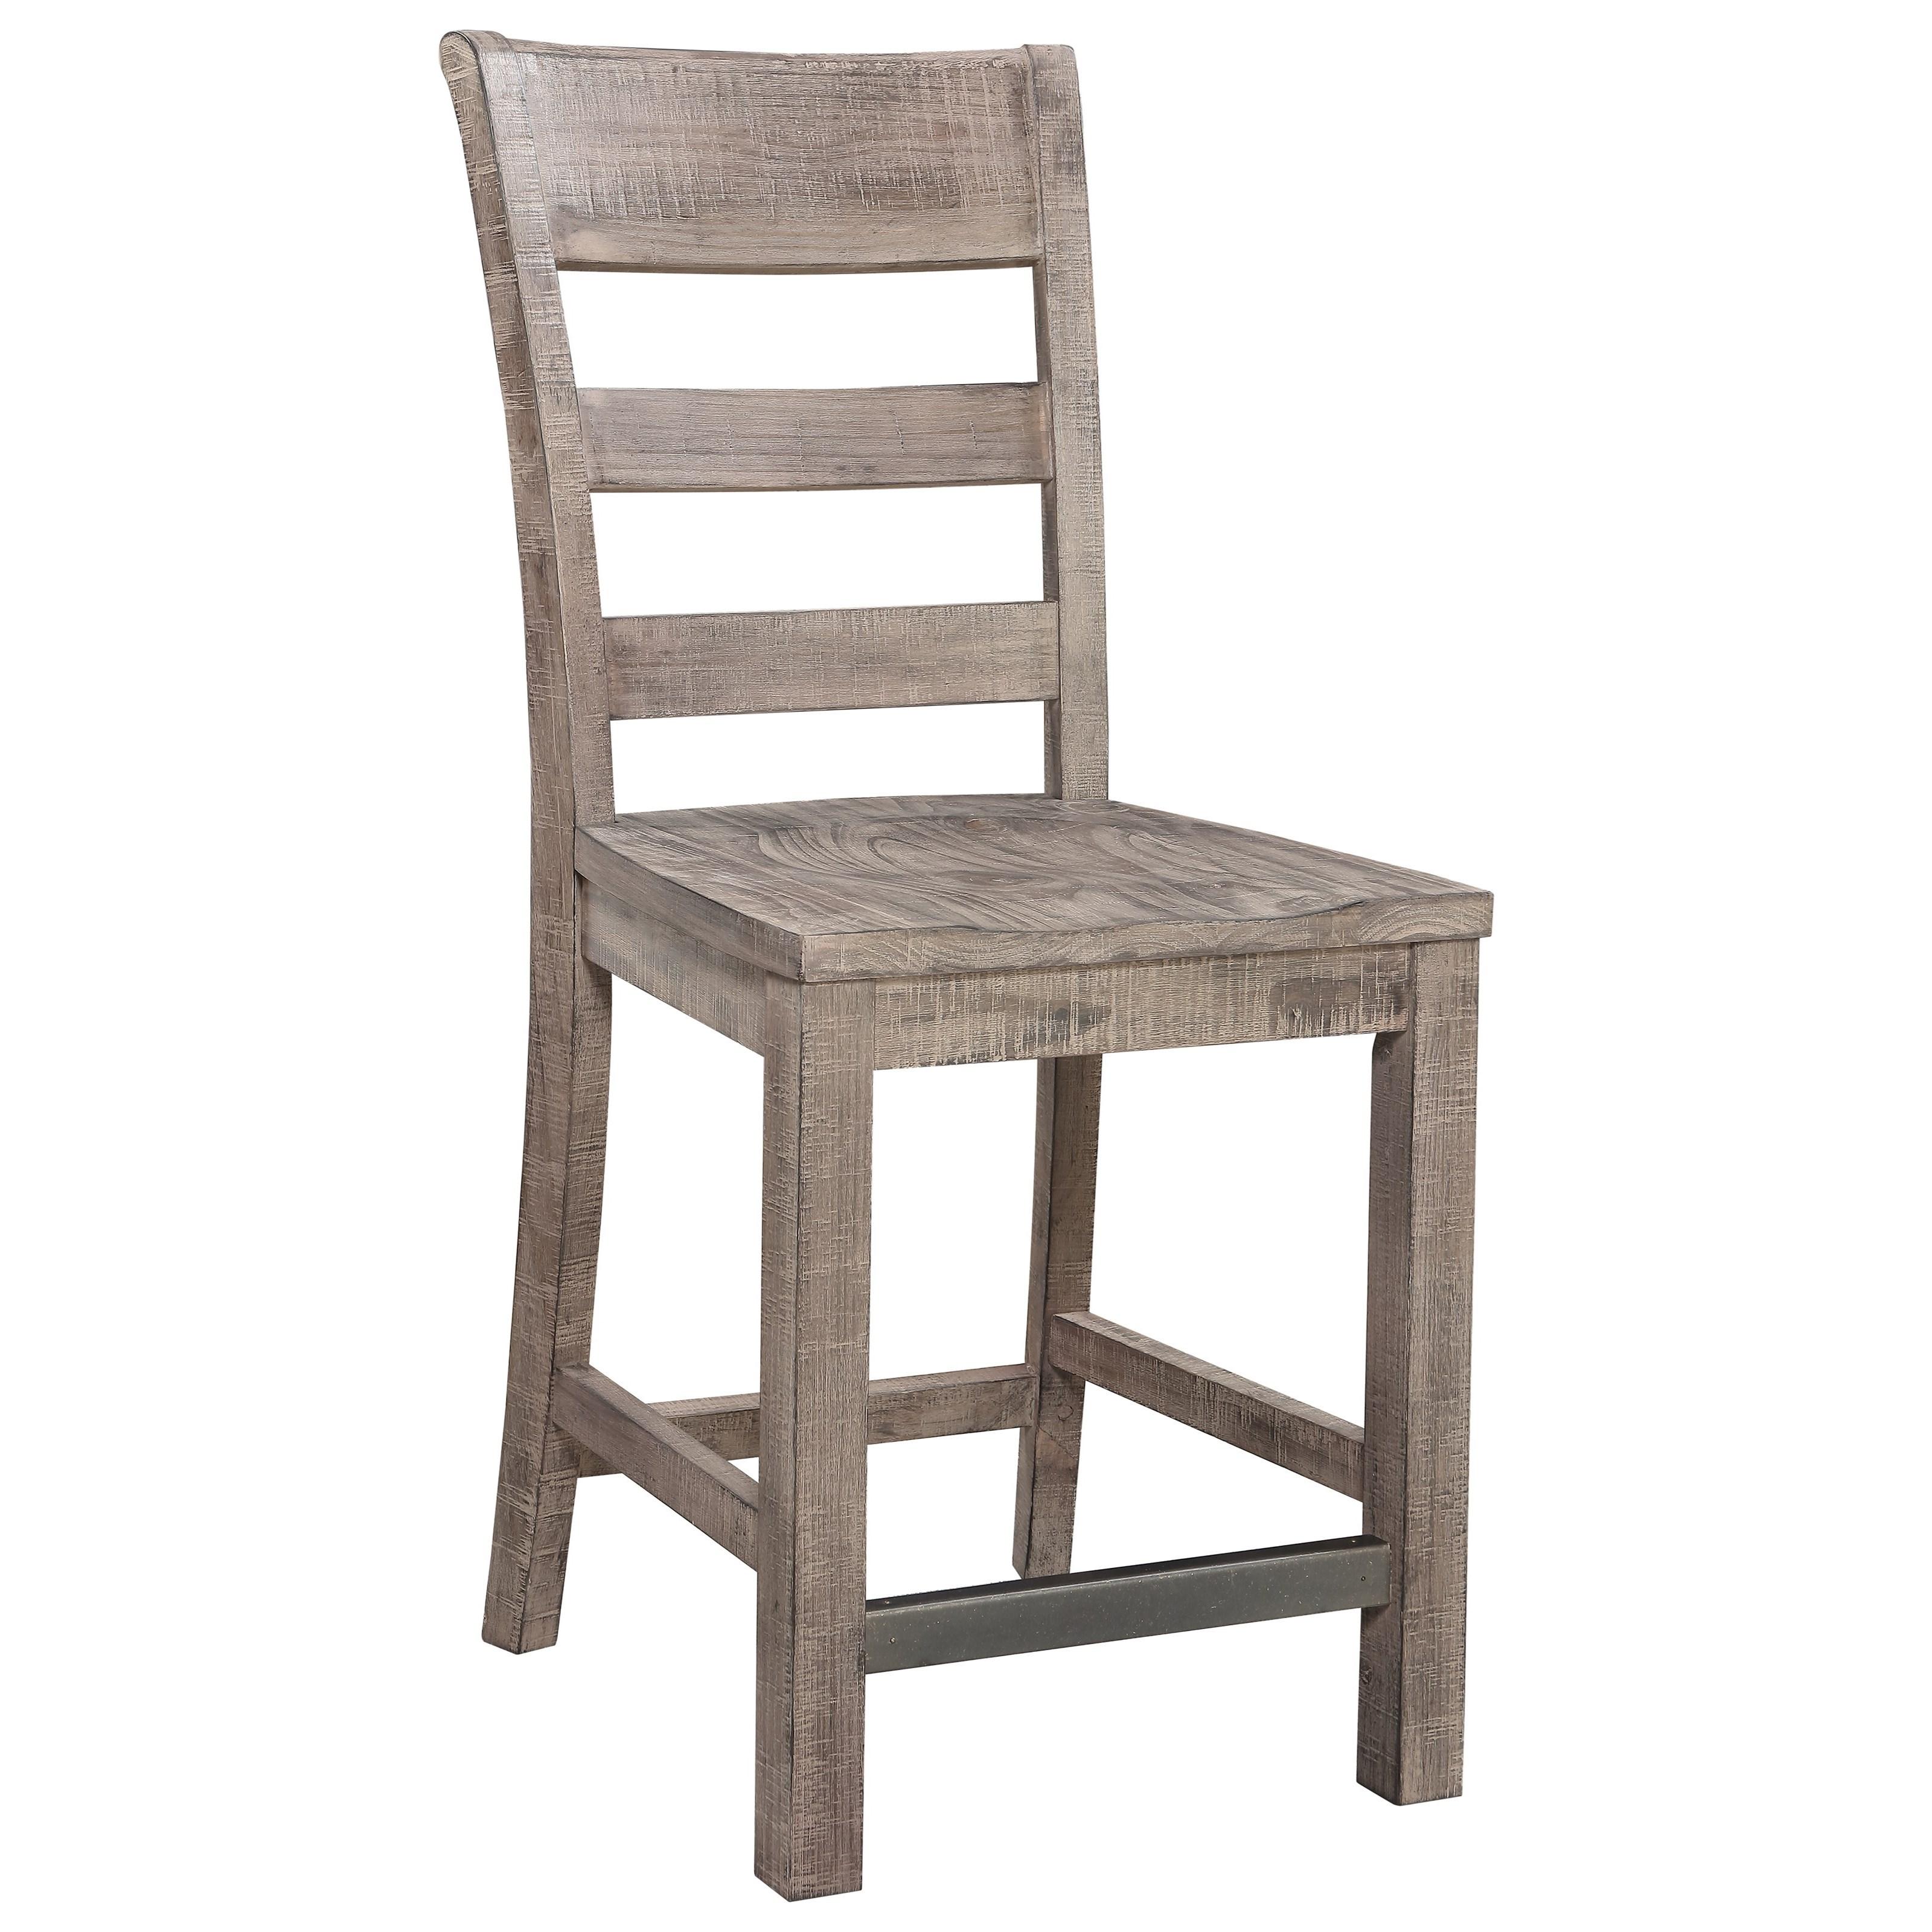 24'' Slat Back Barstool with Wood Seat